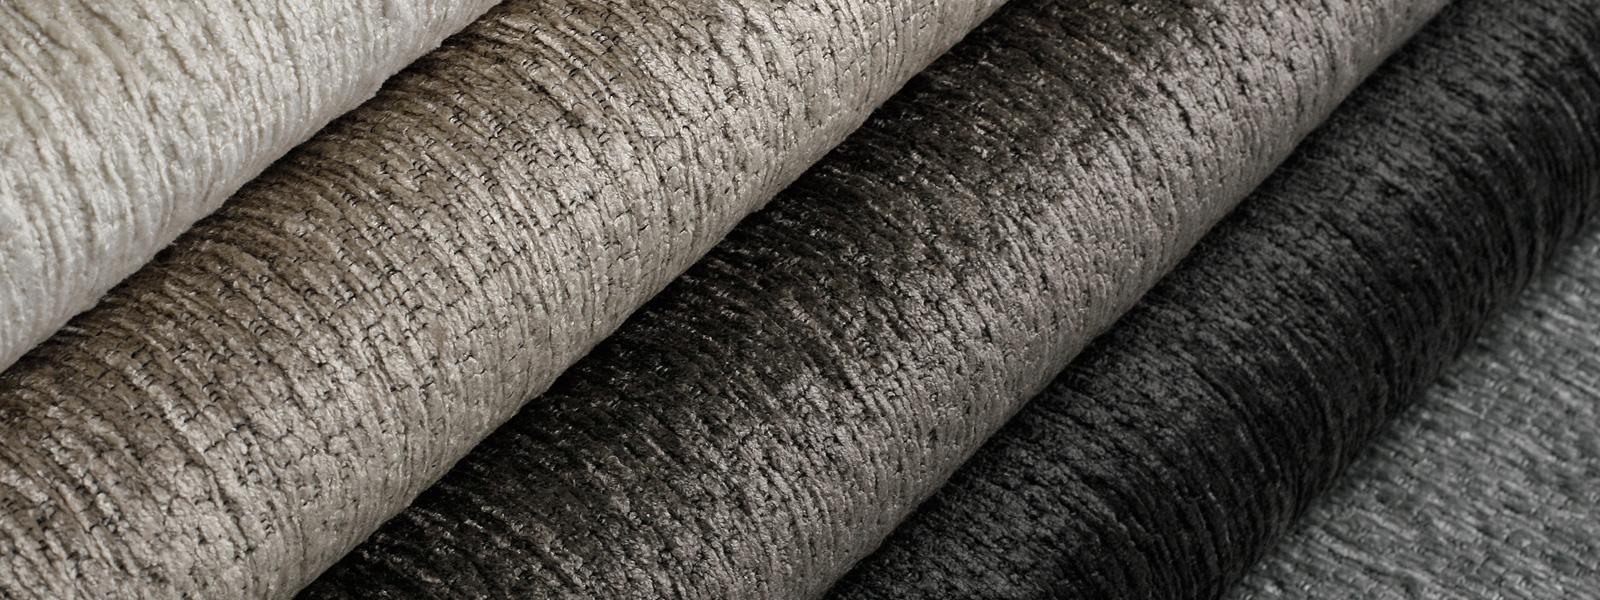 Textiles 4.jpg